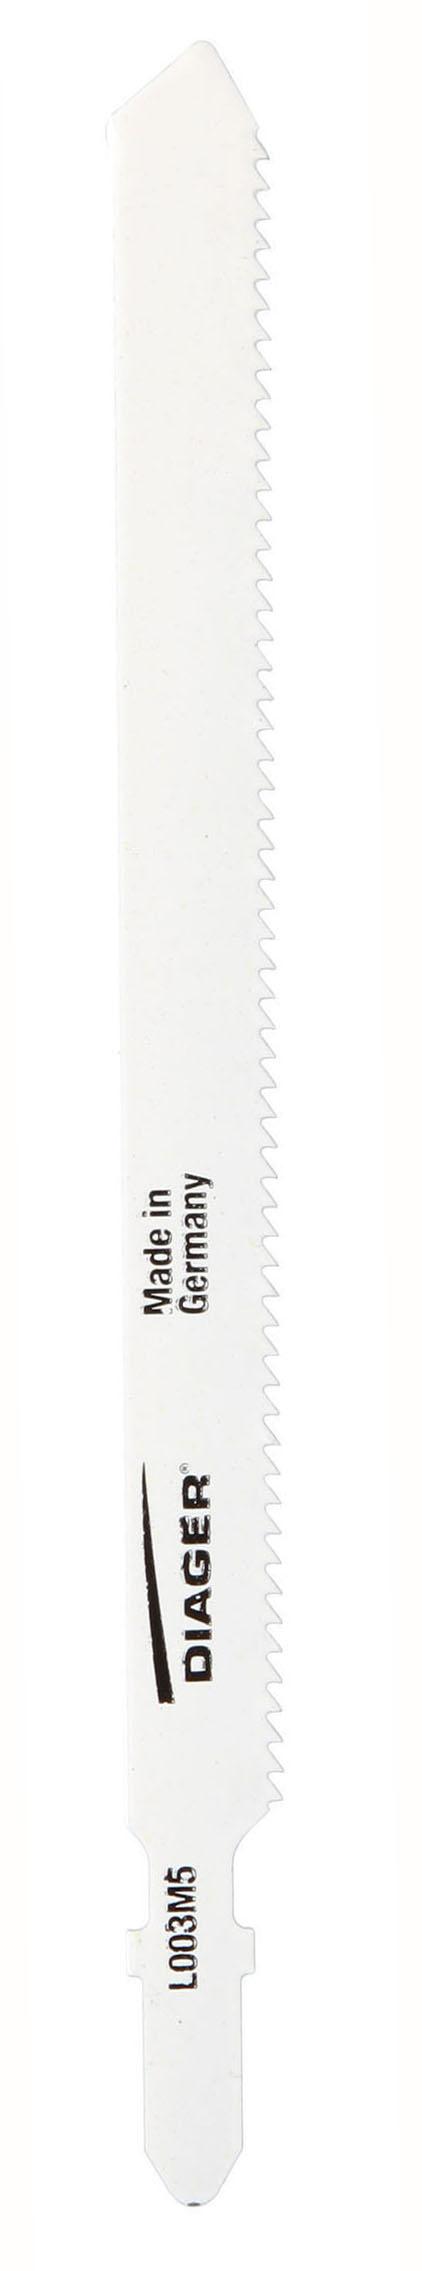 Sciage Acier et cuivre Lame scie sauteuse pour matériaux sandwich - L003M.jpg